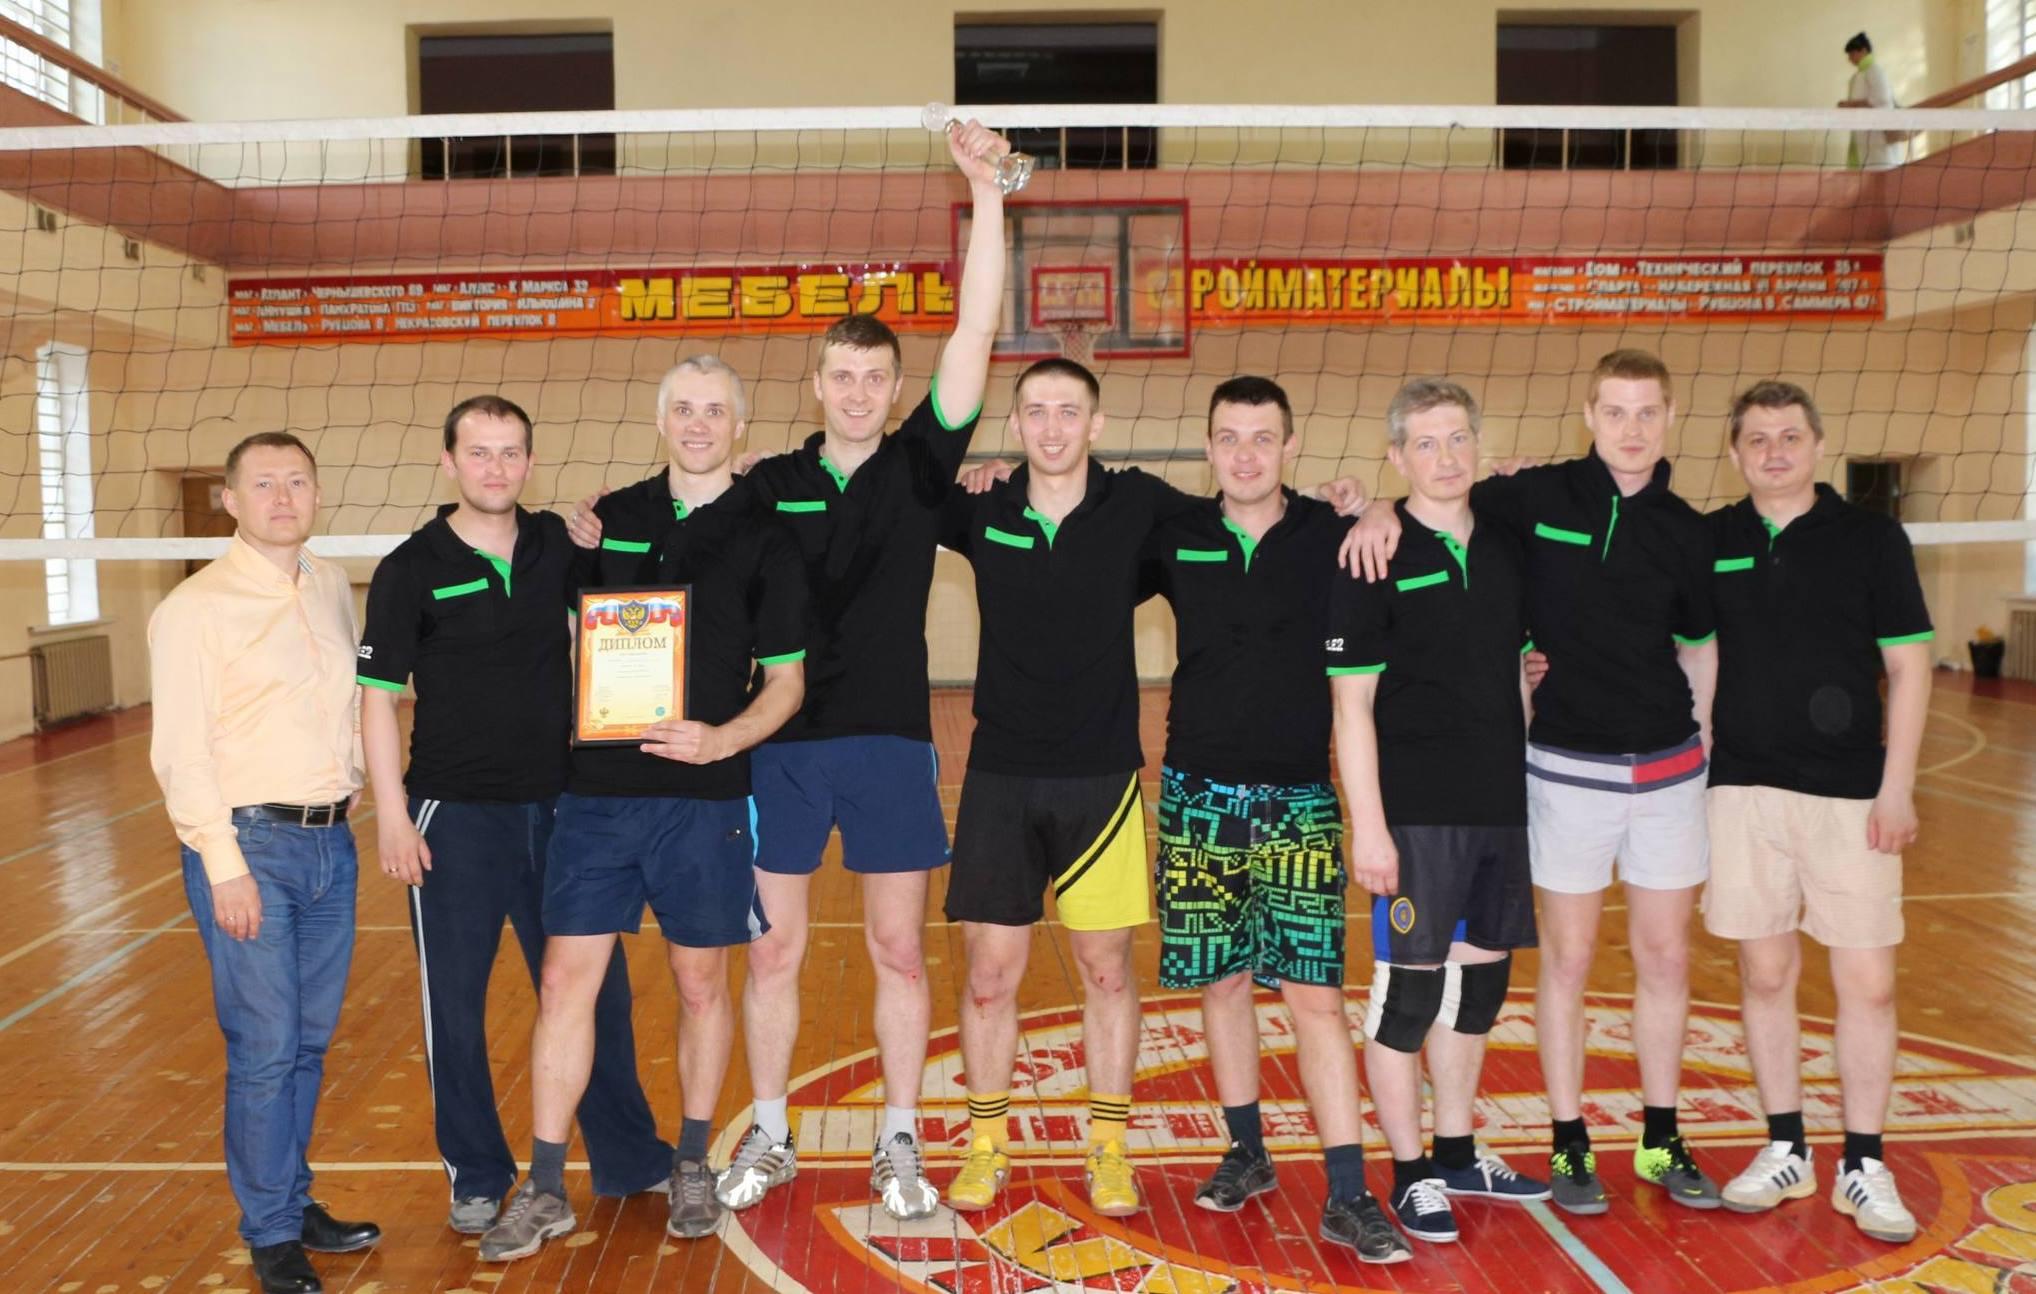 Tele2 заняла первое место в турнире по волейболу среди компаний, работающих в области связи